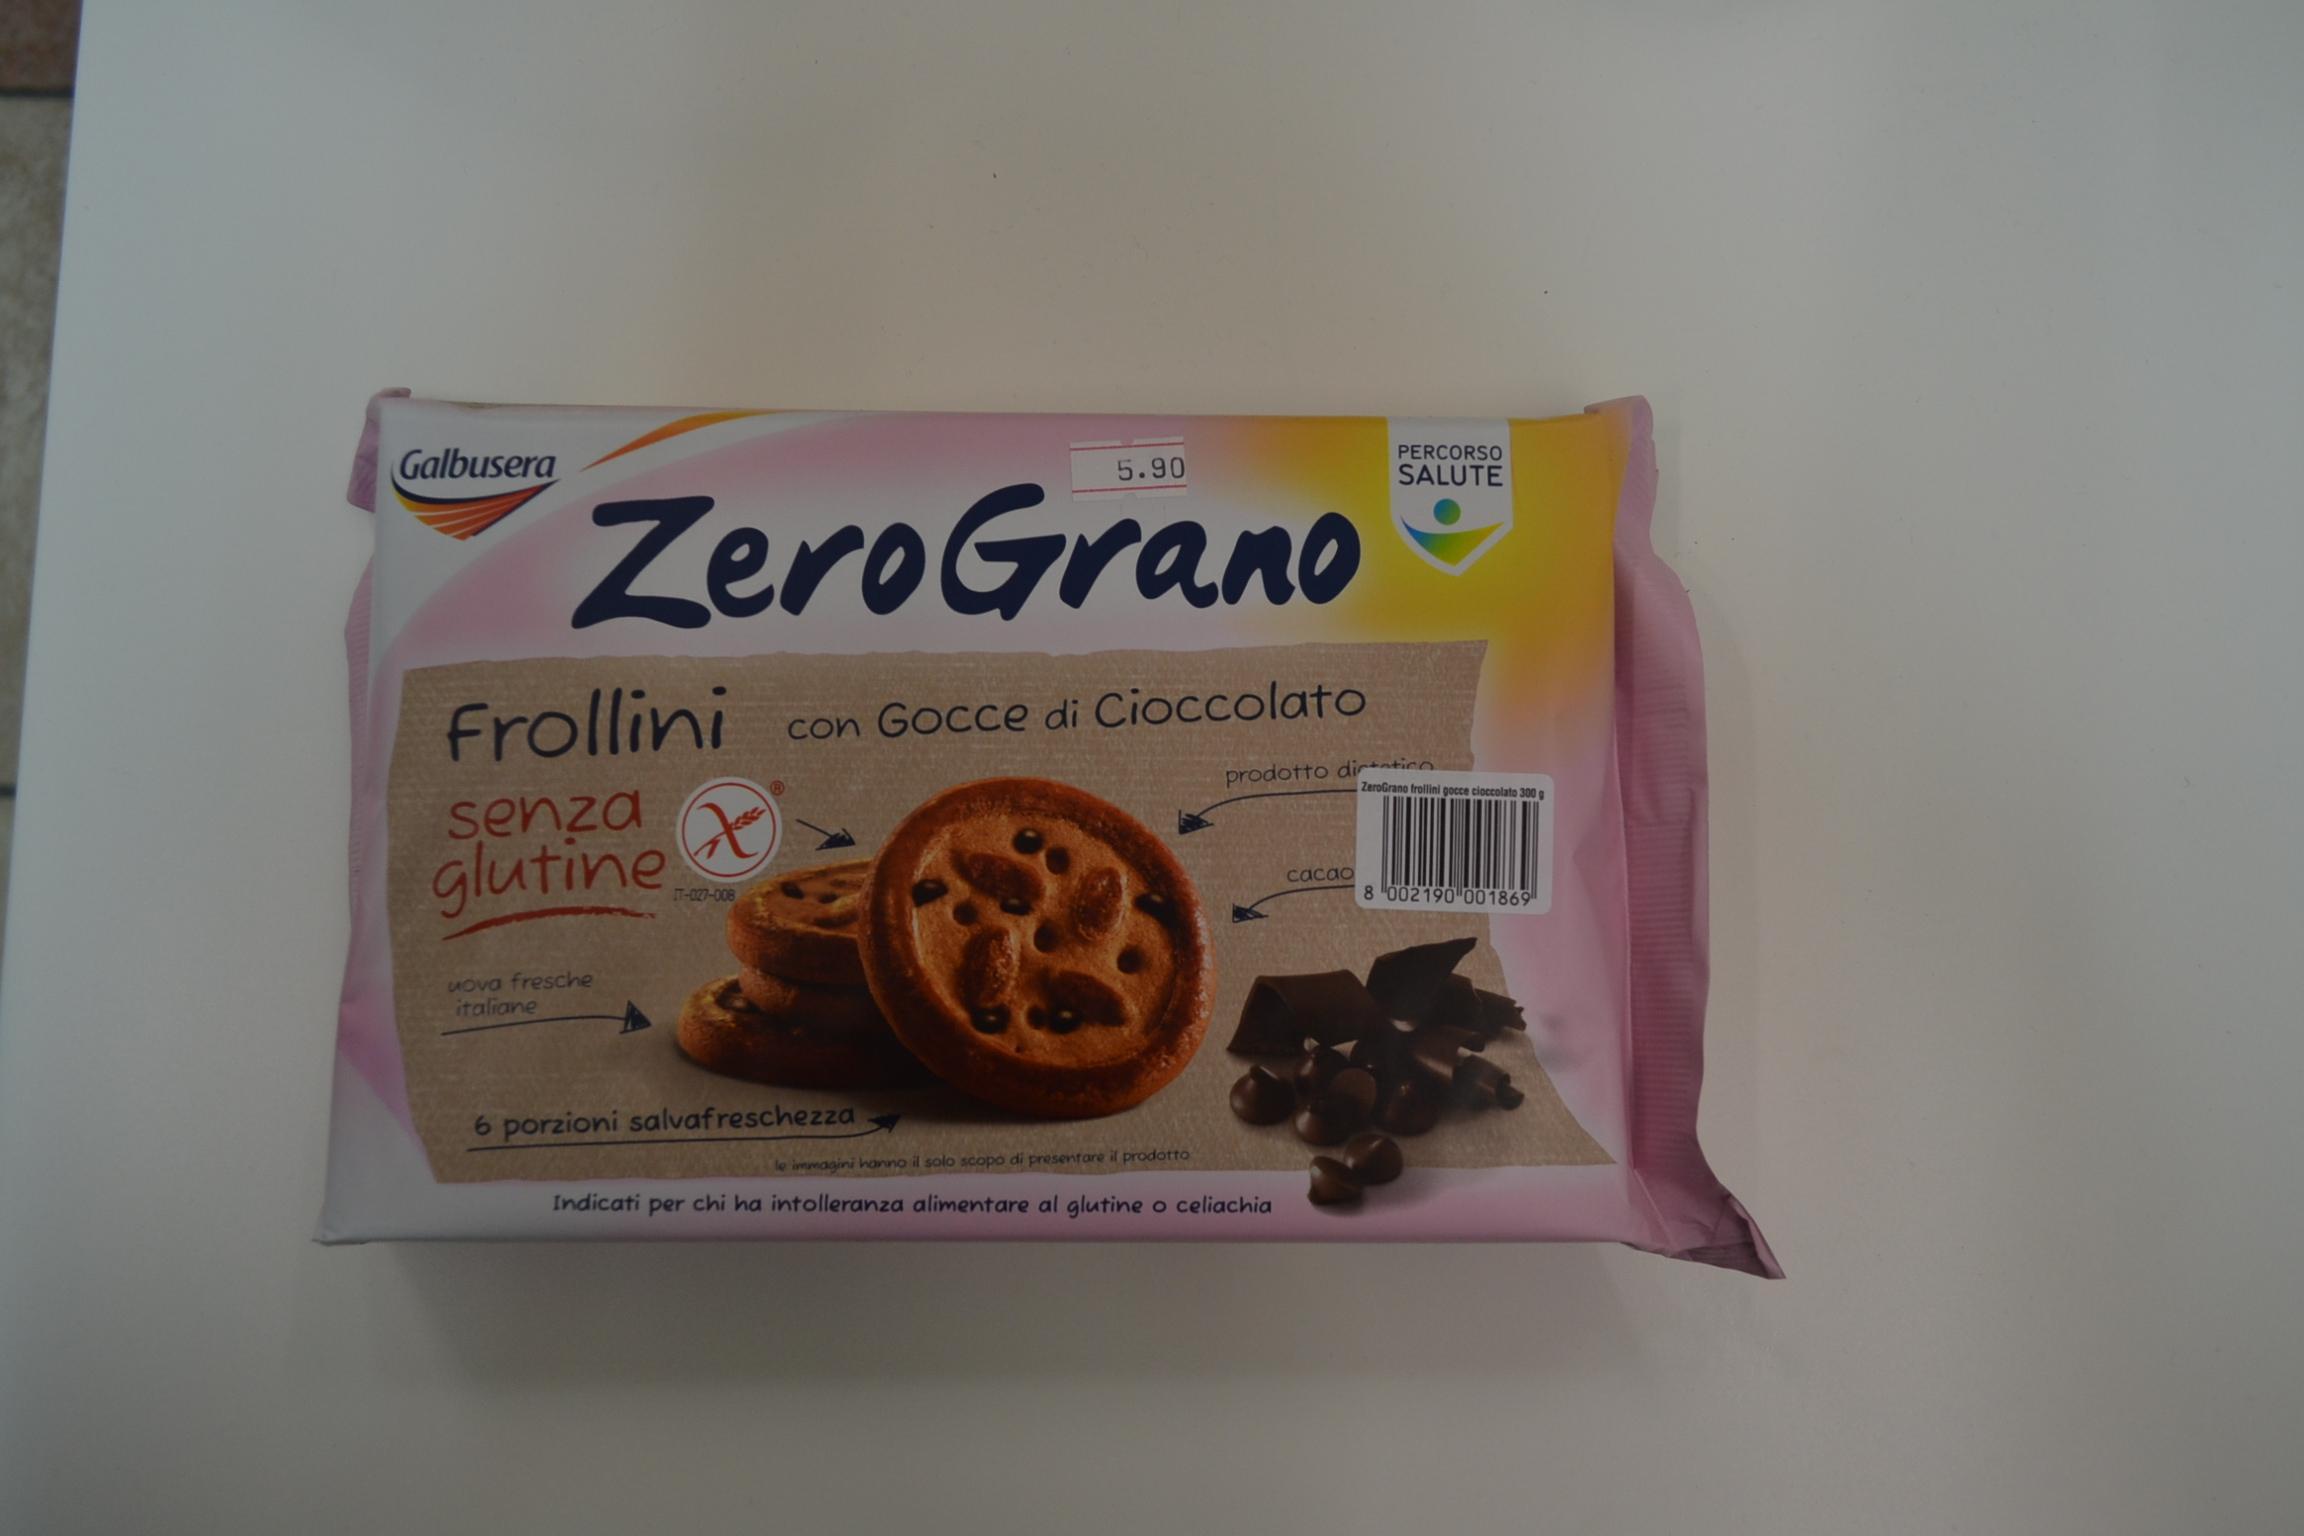 Frollini con gocce di cioccolato GALBUSERA